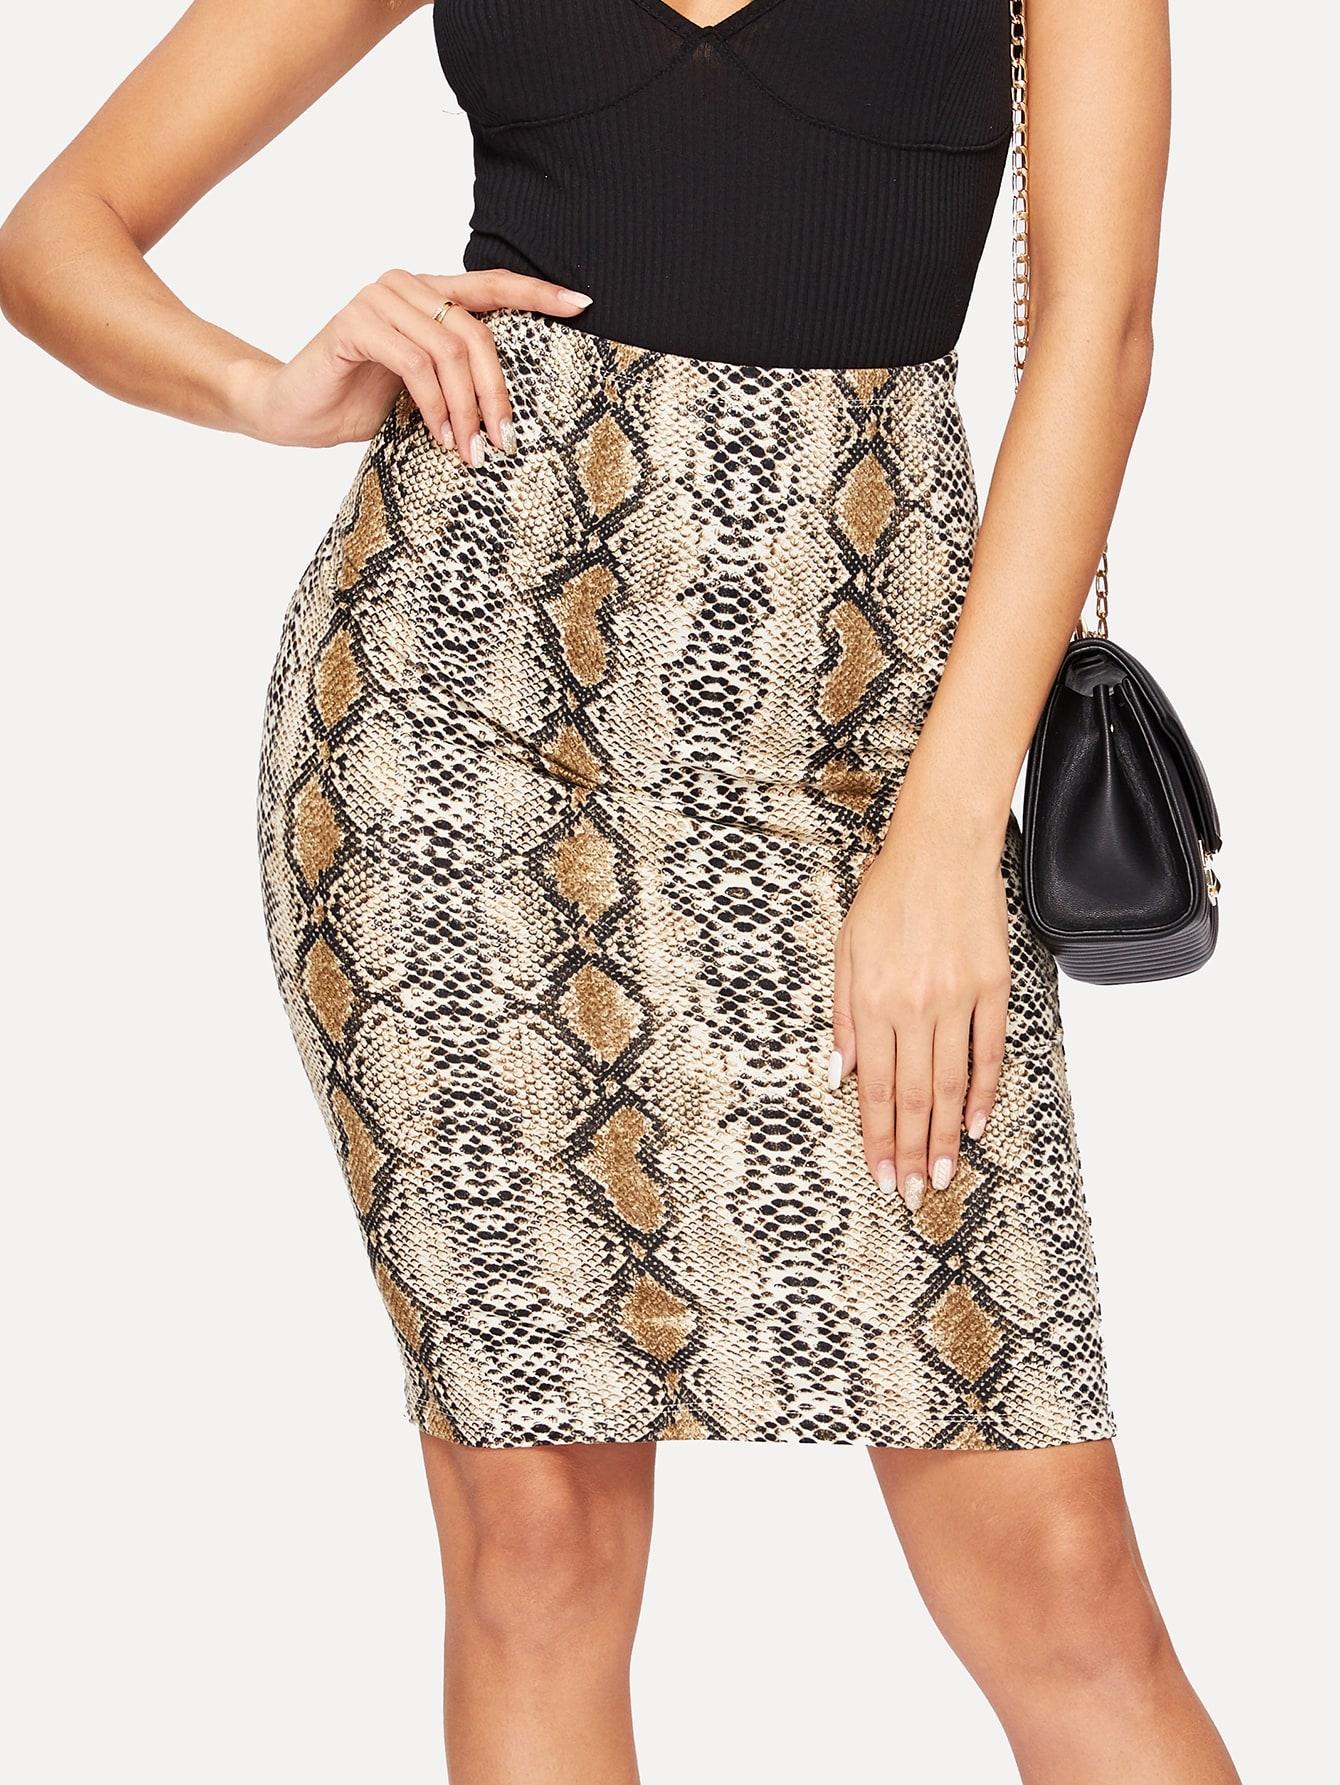 Купить Облегающая юбка с змеиным принтом, Giulia, SheIn